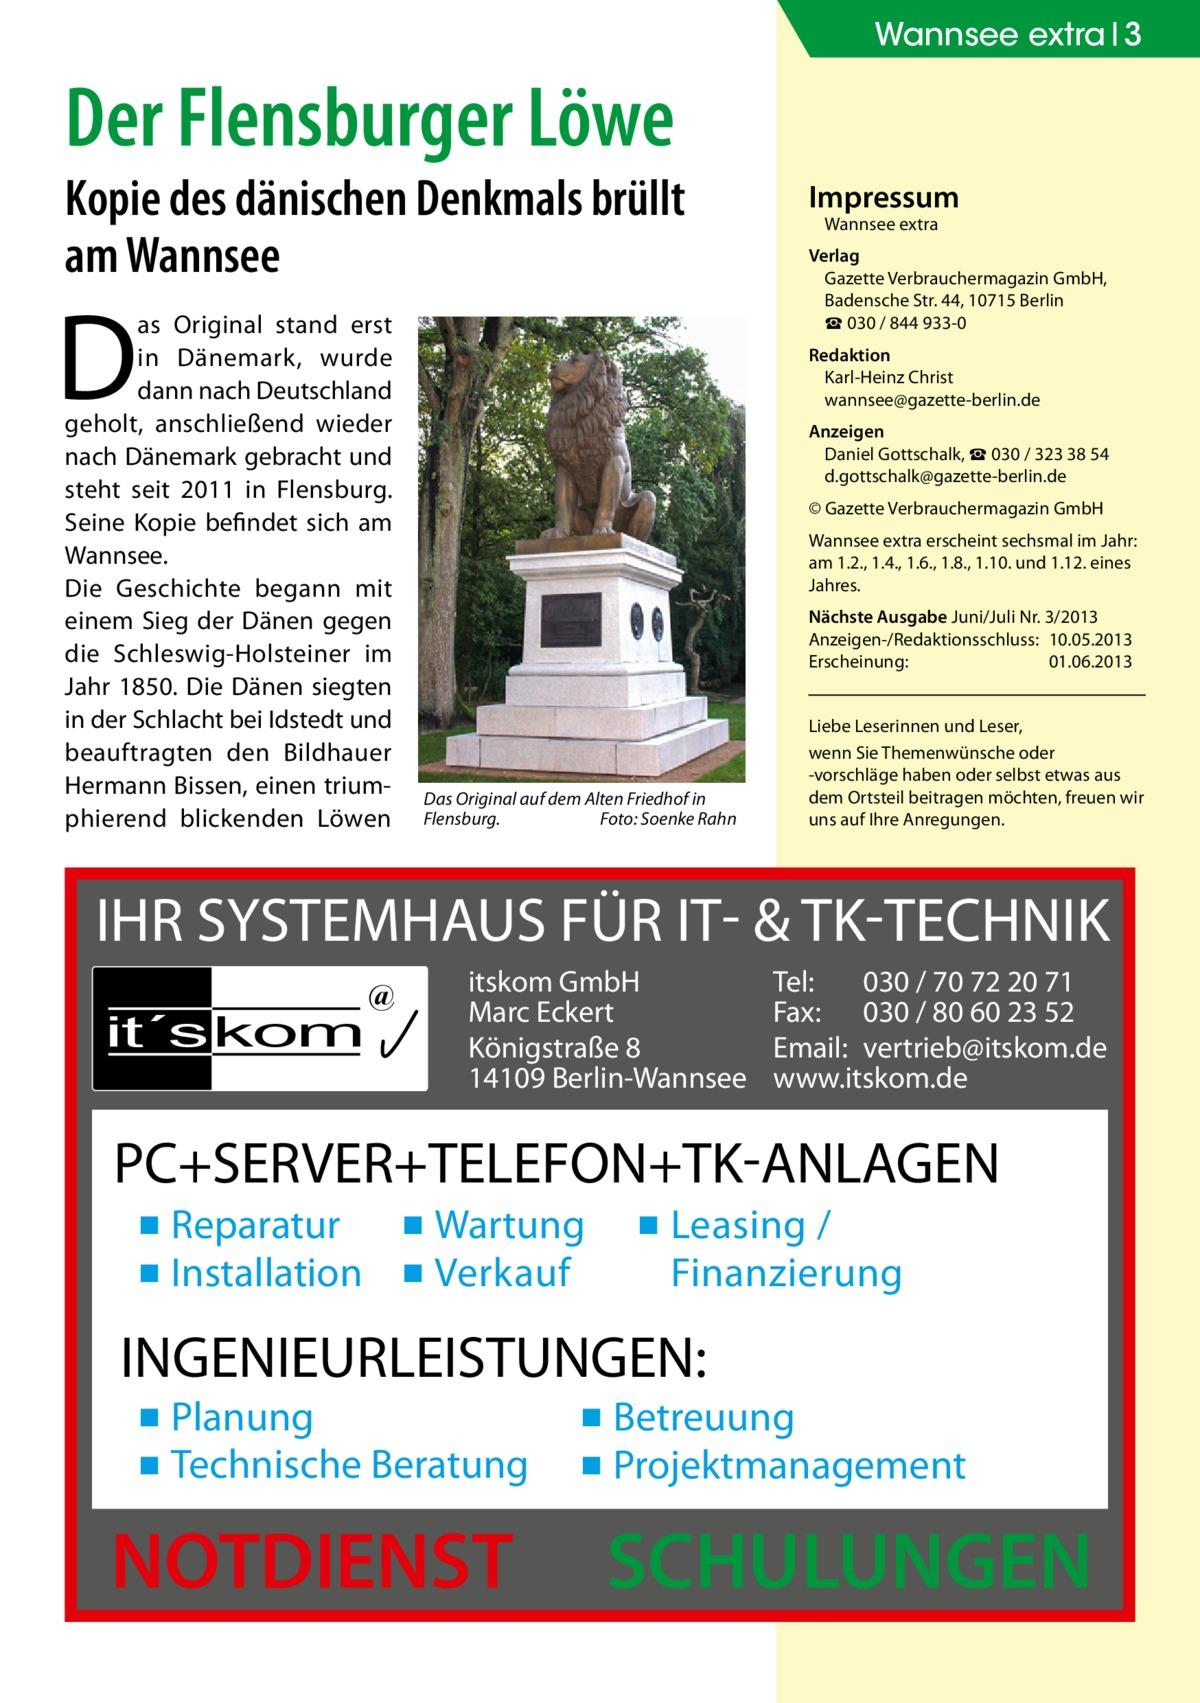 Wannsee extra 3  Der Flensburger Löwe  Kopie des dänischen Denkmals brüllt am Wannsee  D  as Original stand erst in Dänemark, wurde dann nach Deutschland geholt, anschließend wieder nach Dänemark gebracht und steht seit 2011 in Flensburg. Seine Kopie befindet sich am Wannsee. Die Geschichte begann mit einem Sieg der Dänen gegen die Schleswig-Holsteiner im Jahr 1850. Die Dänen siegten in der Schlacht bei Idstedt und beauftragten den Bildhauer Hermann Bissen, einen triumphierend blickenden Löwen  Impressum Wannsee extra  Verlag Gazette Verbrauchermagazin GmbH, BadenscheStr.44, 10715 Berlin ☎ 030 / 844 933-0 Redaktion Karl-Heinz Christ wannsee@gazette-berlin.de Anzeigen Daniel Gottschalk, ☎ 030 / 323 38 54 d.gottschalk@gazette-berlin.de © Gazette Verbrauchermagazin GmbH Wannsee extra erscheint sechsmal im Jahr: am 1.2., 1.4., 1.6., 1.8., 1.10. und 1.12. eines Jahres. Nächste Ausgabe Juni/Juli Nr. 3/2013 Anzeigen-/Redaktionsschluss:10.05.2013 Erscheinung:01.06.2013  Das Original auf dem Alten Friedhof in Flensburg.� Foto: Soenke Rahn  Liebe Leserinnen und Leser, wenn Sie Themenwünsche oder -vorschläge haben oder selbst etwas aus dem Ortsteil beitragen möchten, freuen wir uns auf Ihre Anregungen.  IHR SYSTEMHAUS FÜR IT- & TK-TECHNIK it´s kom  @  itskom GmbH Marc Eckert Königstraße 8 14109 Berlin-Wannsee  Tel: 030 / 70 72 20 71 Fax: 030 / 80 60 23 52 Email: vertrieb@itskom.de www.itskom.de  PC+SERVER+TELEFON+TK-ANLAGEN ▪ Reparatur ▪ Wartung ▪ Installation ▪ Verkauf  ▪ Leasing / Finanzierung  INGENIEURLEISTUNGEN: ▪ Planung ▪ Technische Beratung  NOTDIENST  ▪ Betreuung ▪ Projektmanagement  SCHULUNGEN